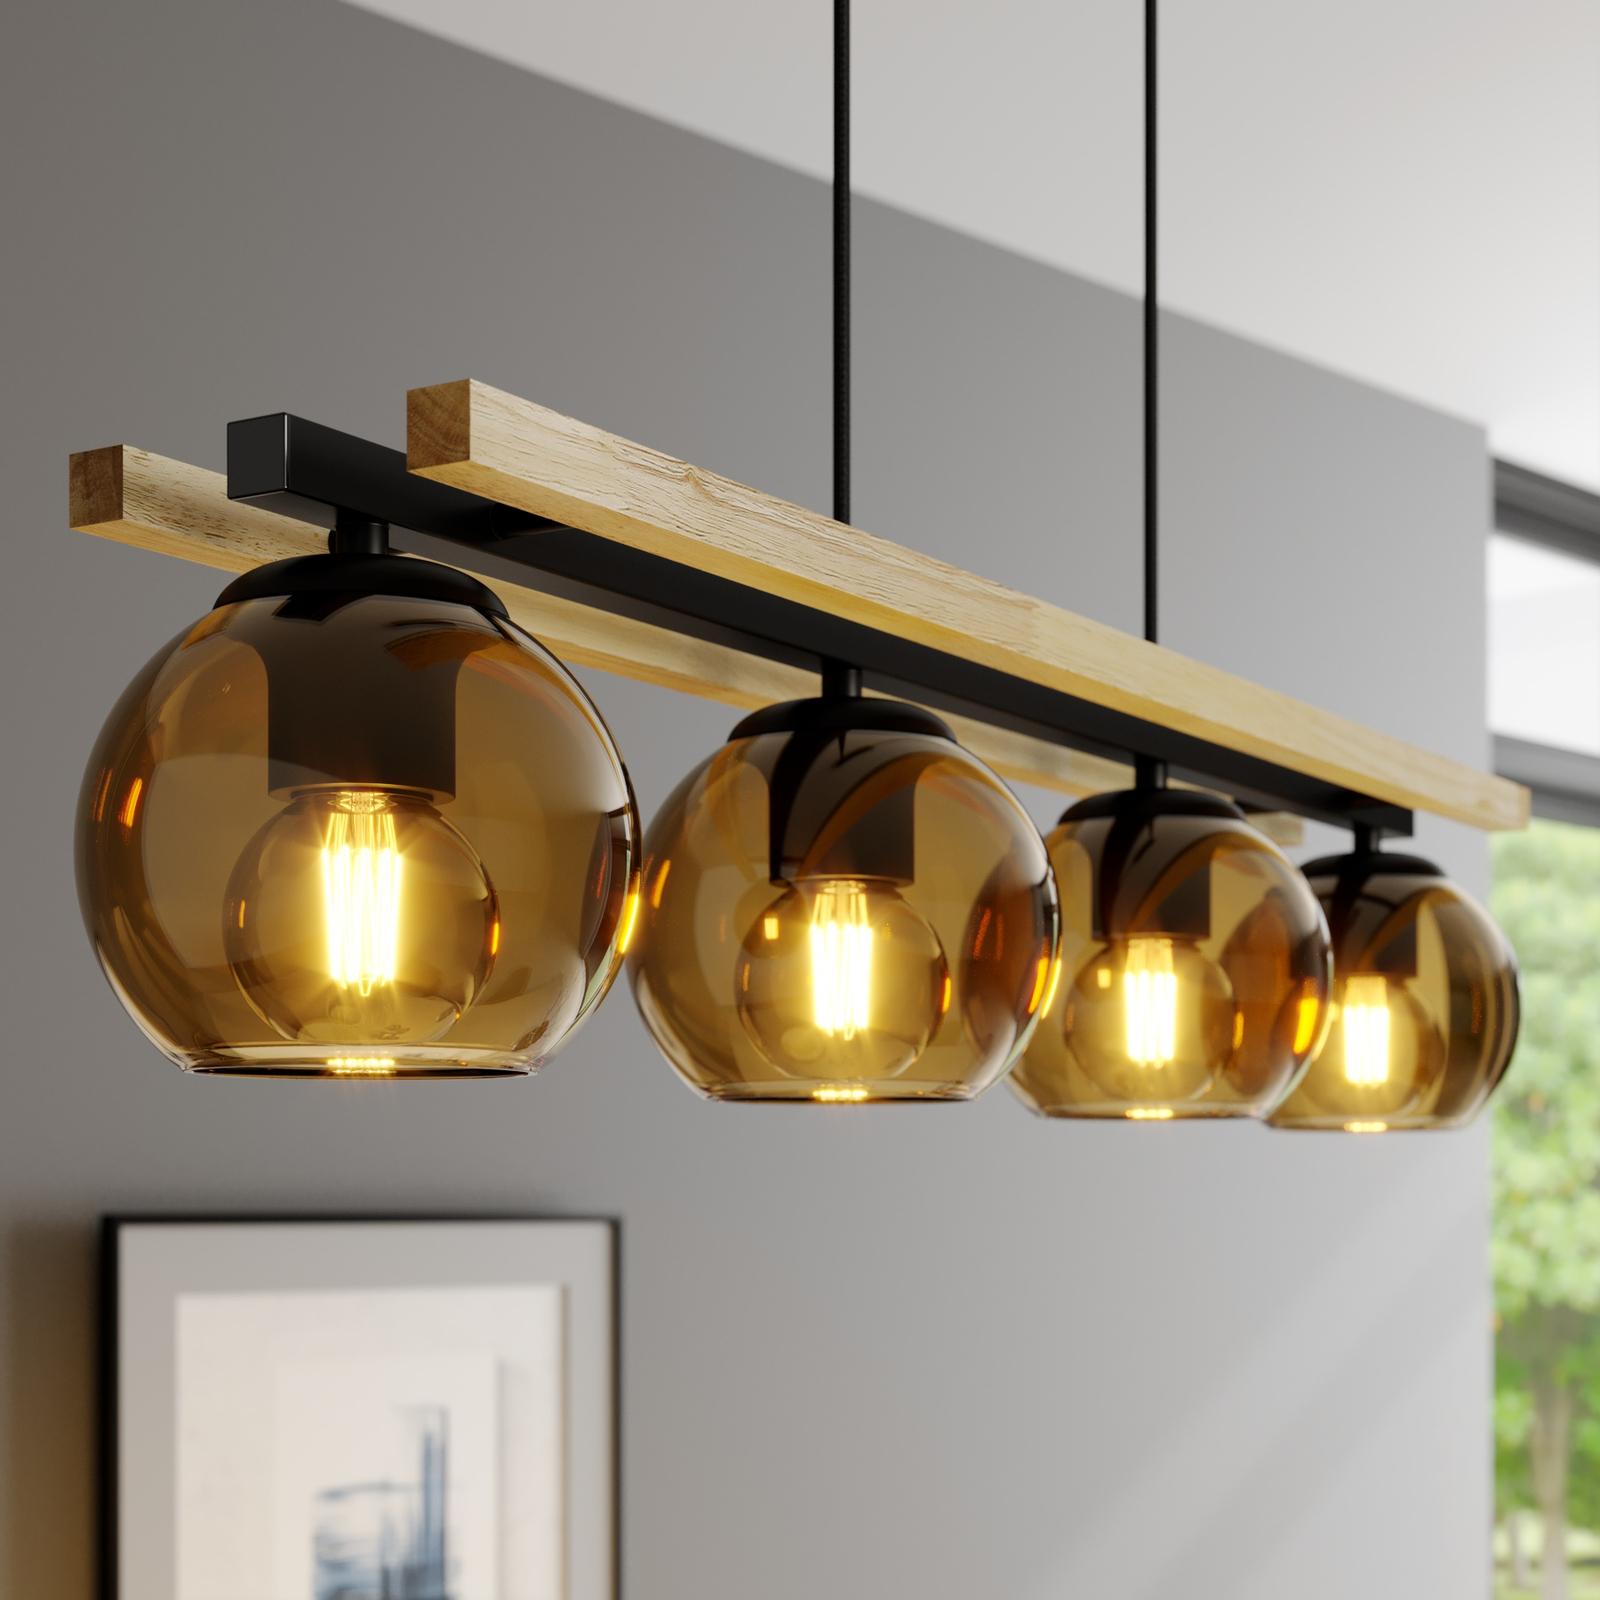 Lindby Enrique balkpendellampa, 4 lampor